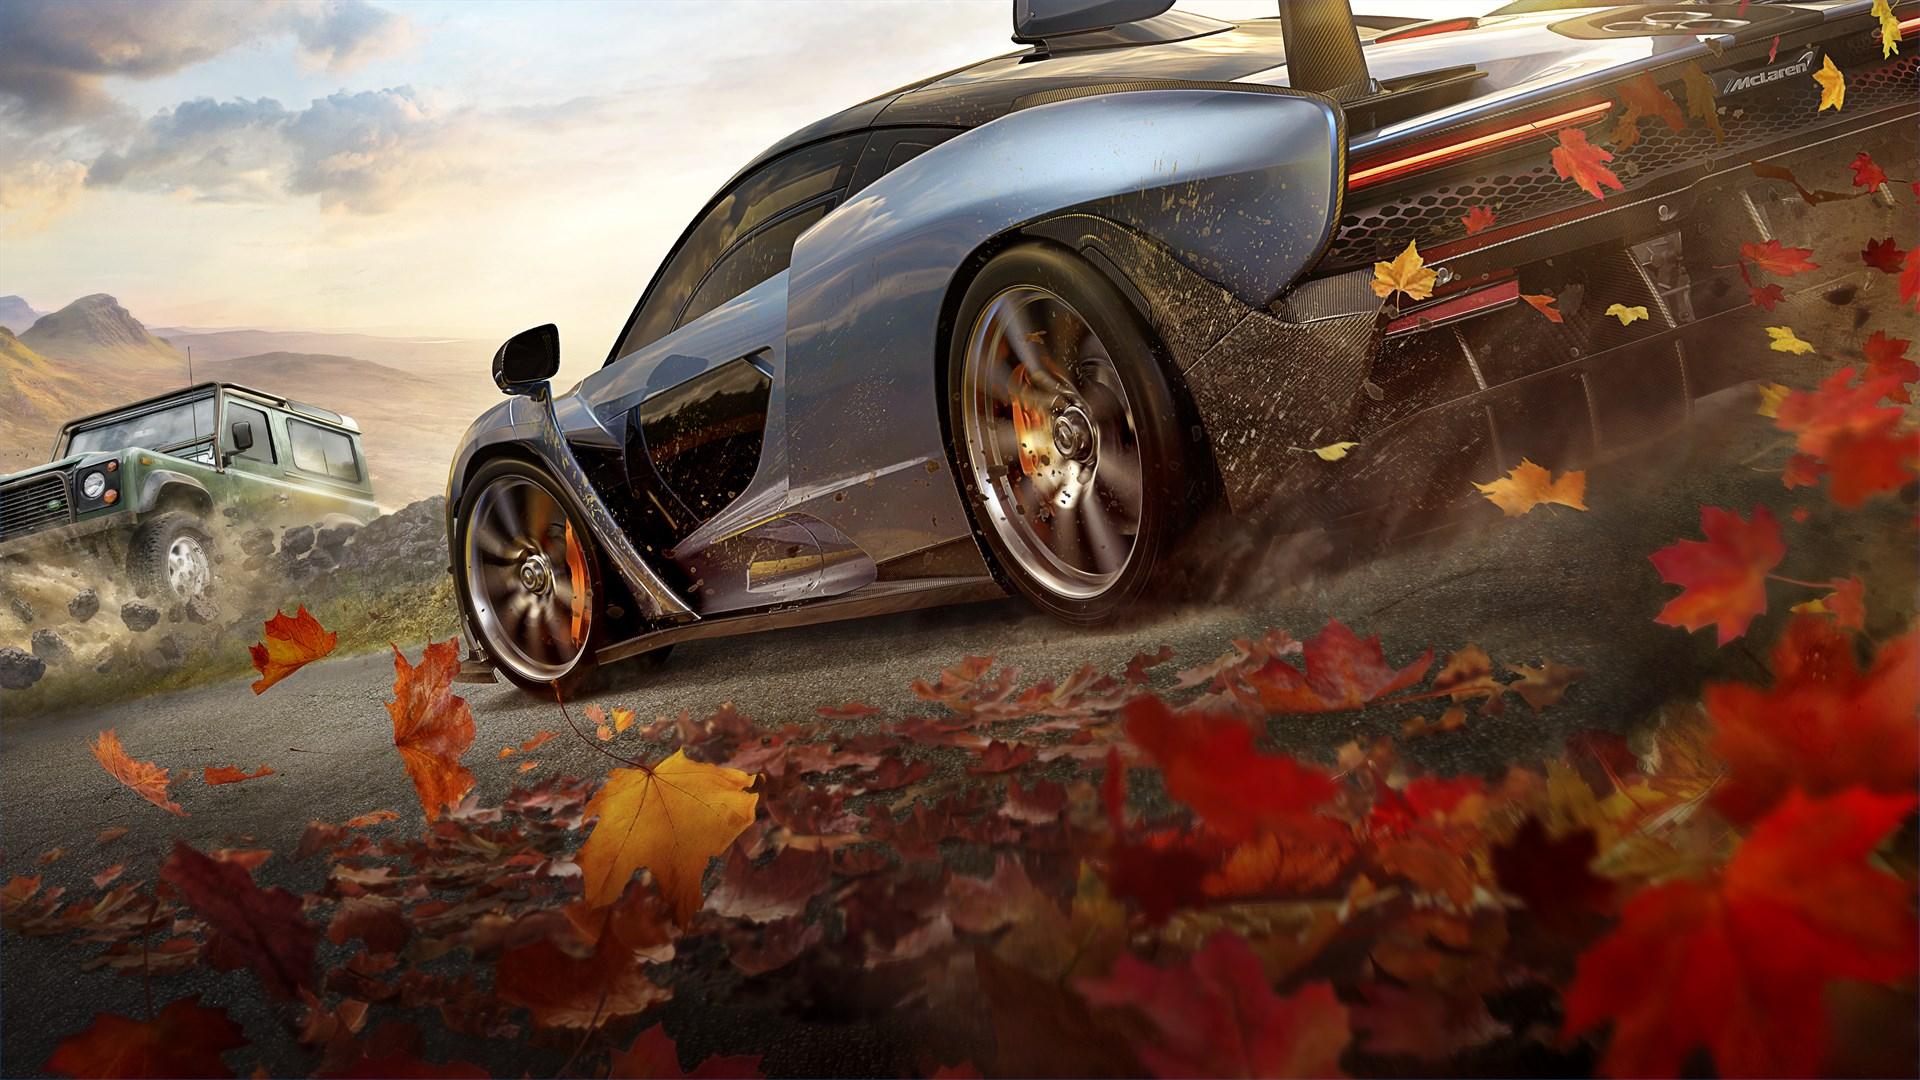 [XboxOne] Forza Horizon 4 VIP Mitgliedschaft oder Forza Horizon 3 Hot Wheels Erweiterung